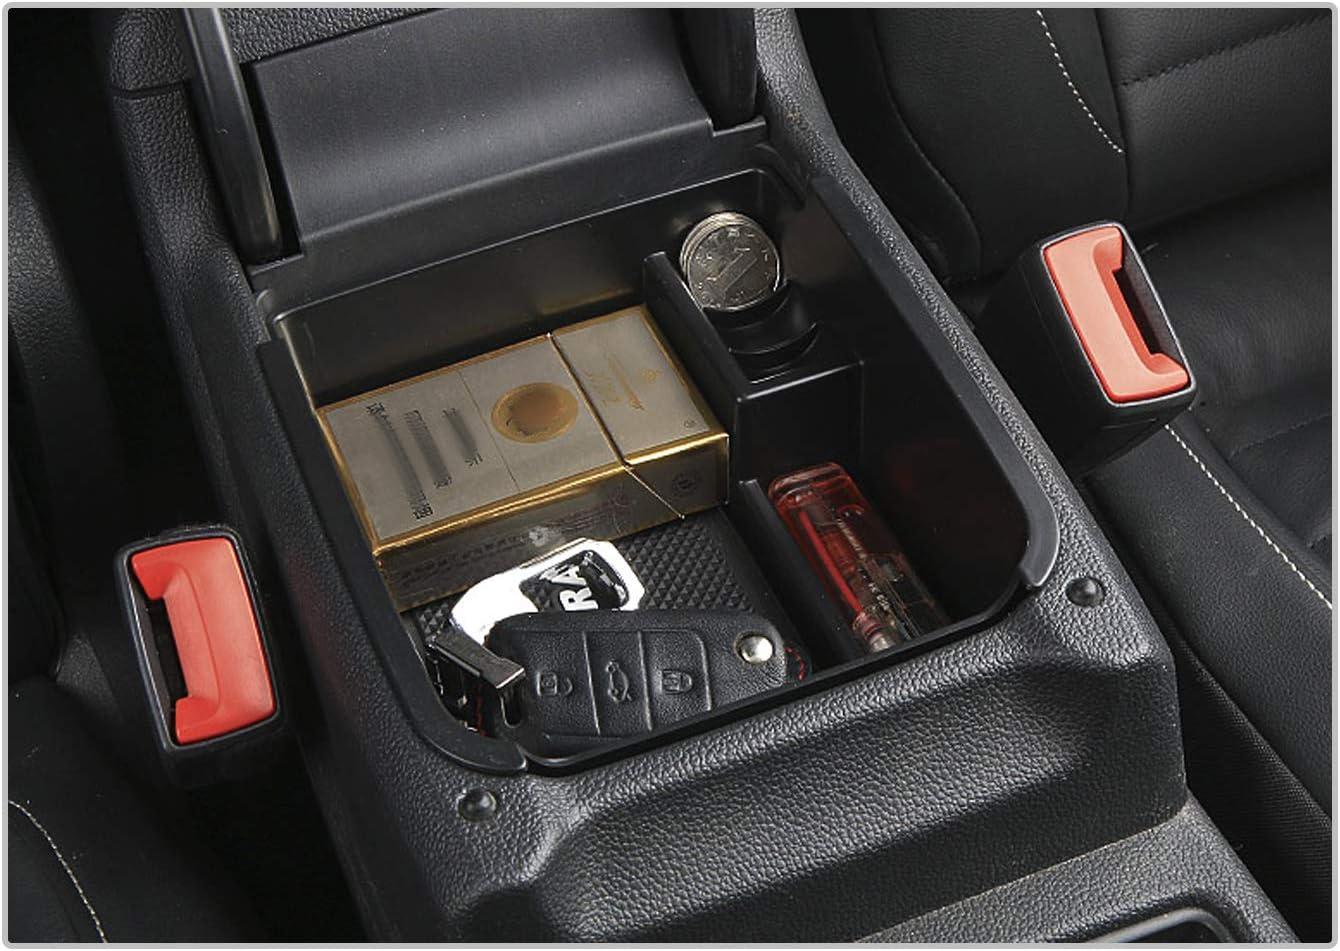 CDEFG f/ür V W Touran 2016-2019 Handschuhfach Armlehne Multifunktionaler Aufbewahrung Auto Center Console Organizer Tray Innenraum Zubeh/öraum Zubeh/ör